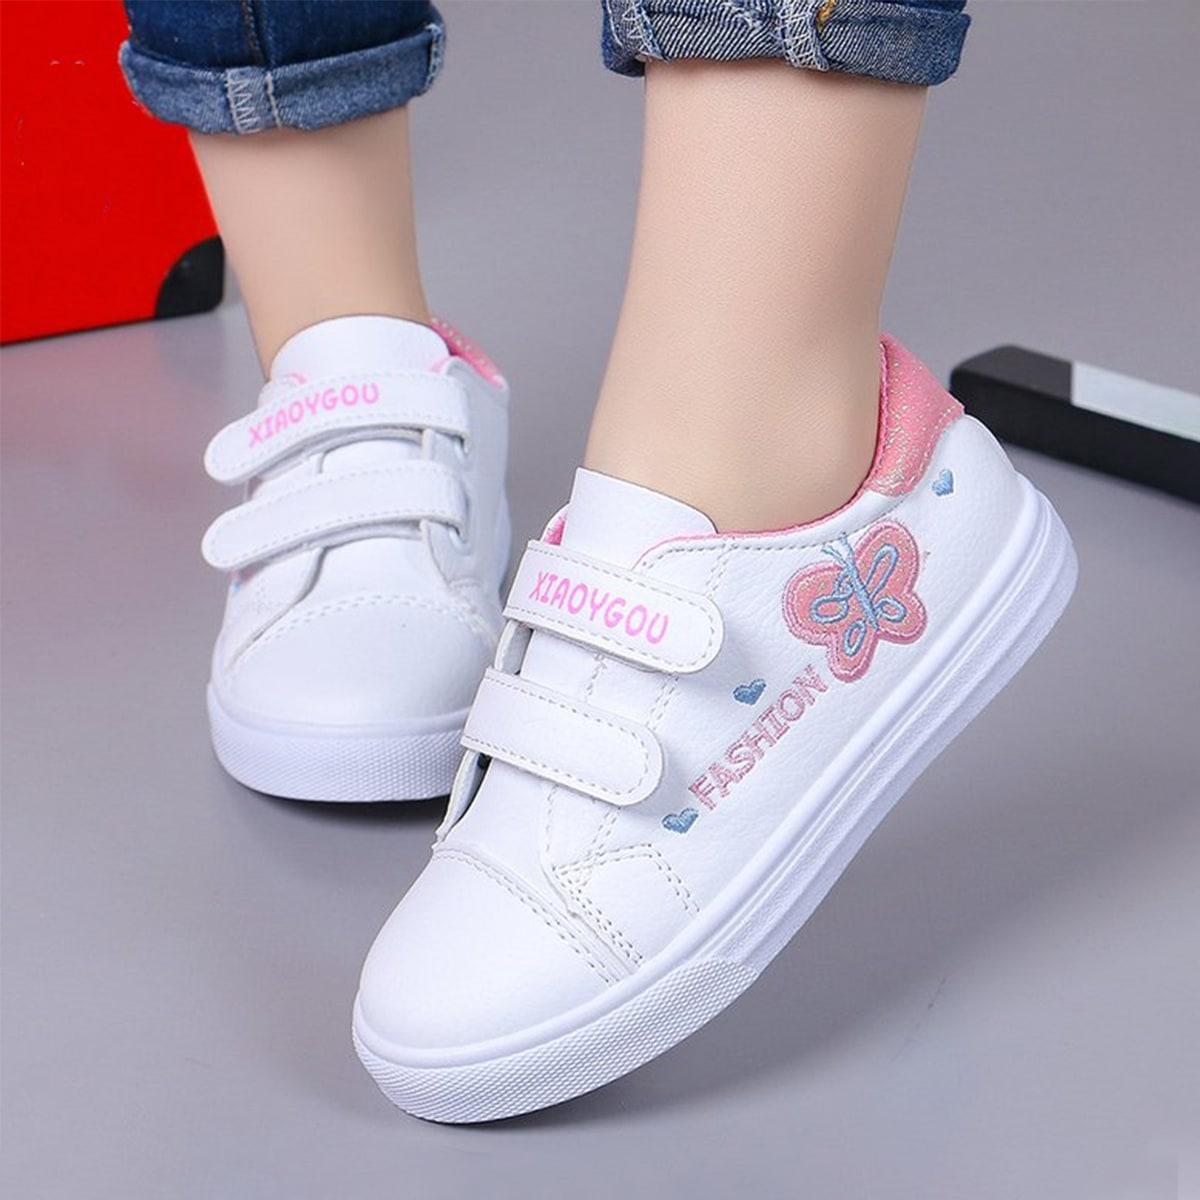 Обувь для скейтбординга с текстовым принтом для девочек от SHEIN